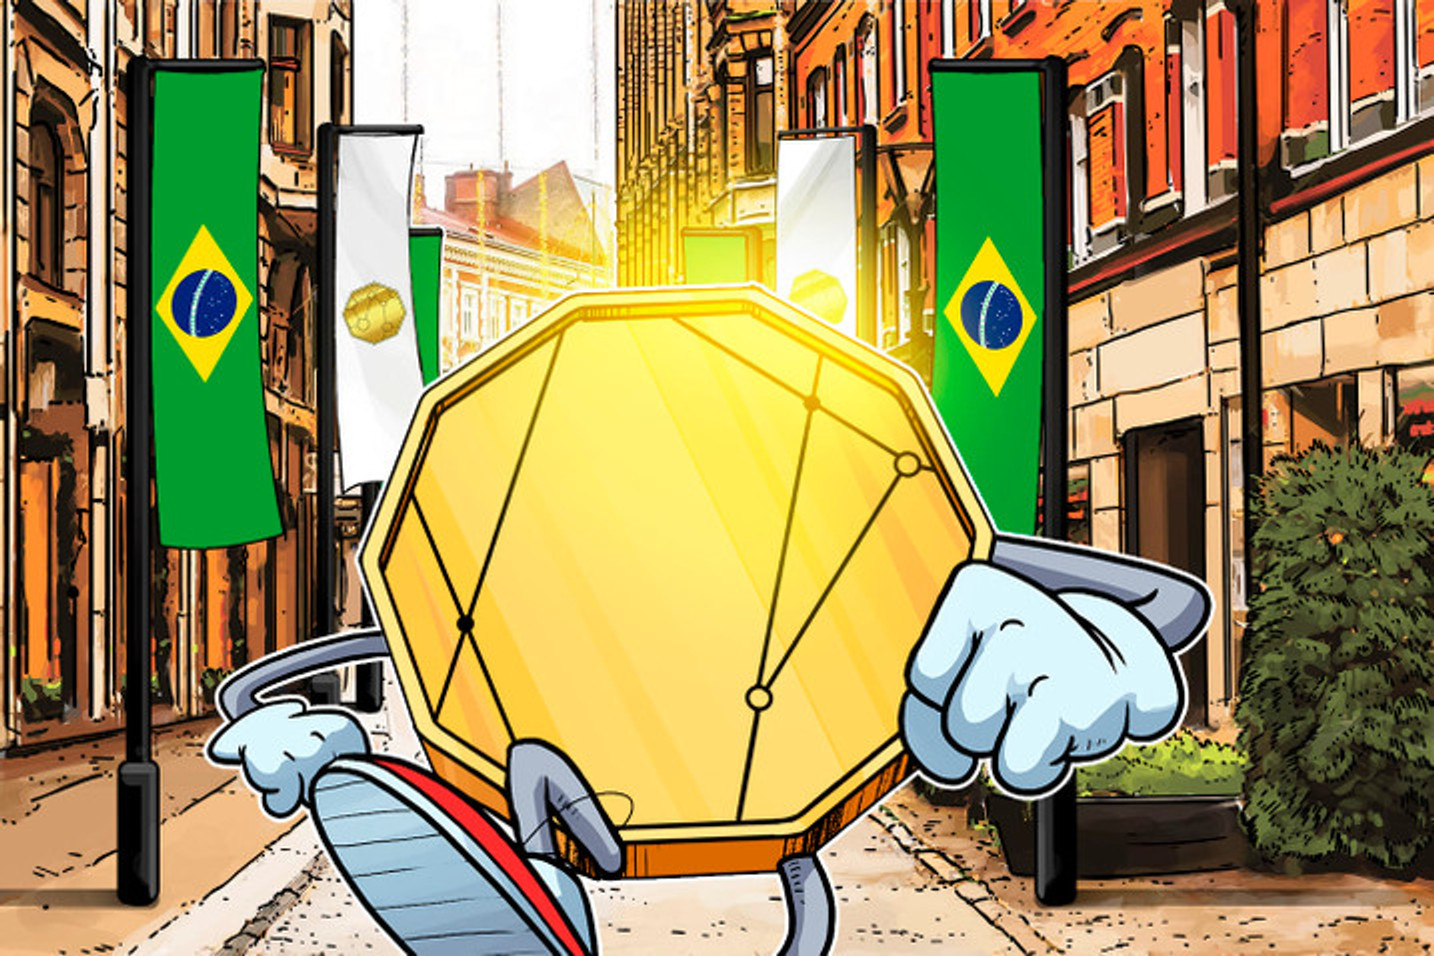 Melhor da Semana: Dogecoin e a febre do TikTok, investigação de fraudes envolvendo Paulo Guedes e impostos sobre o Bitcoin no Brasil